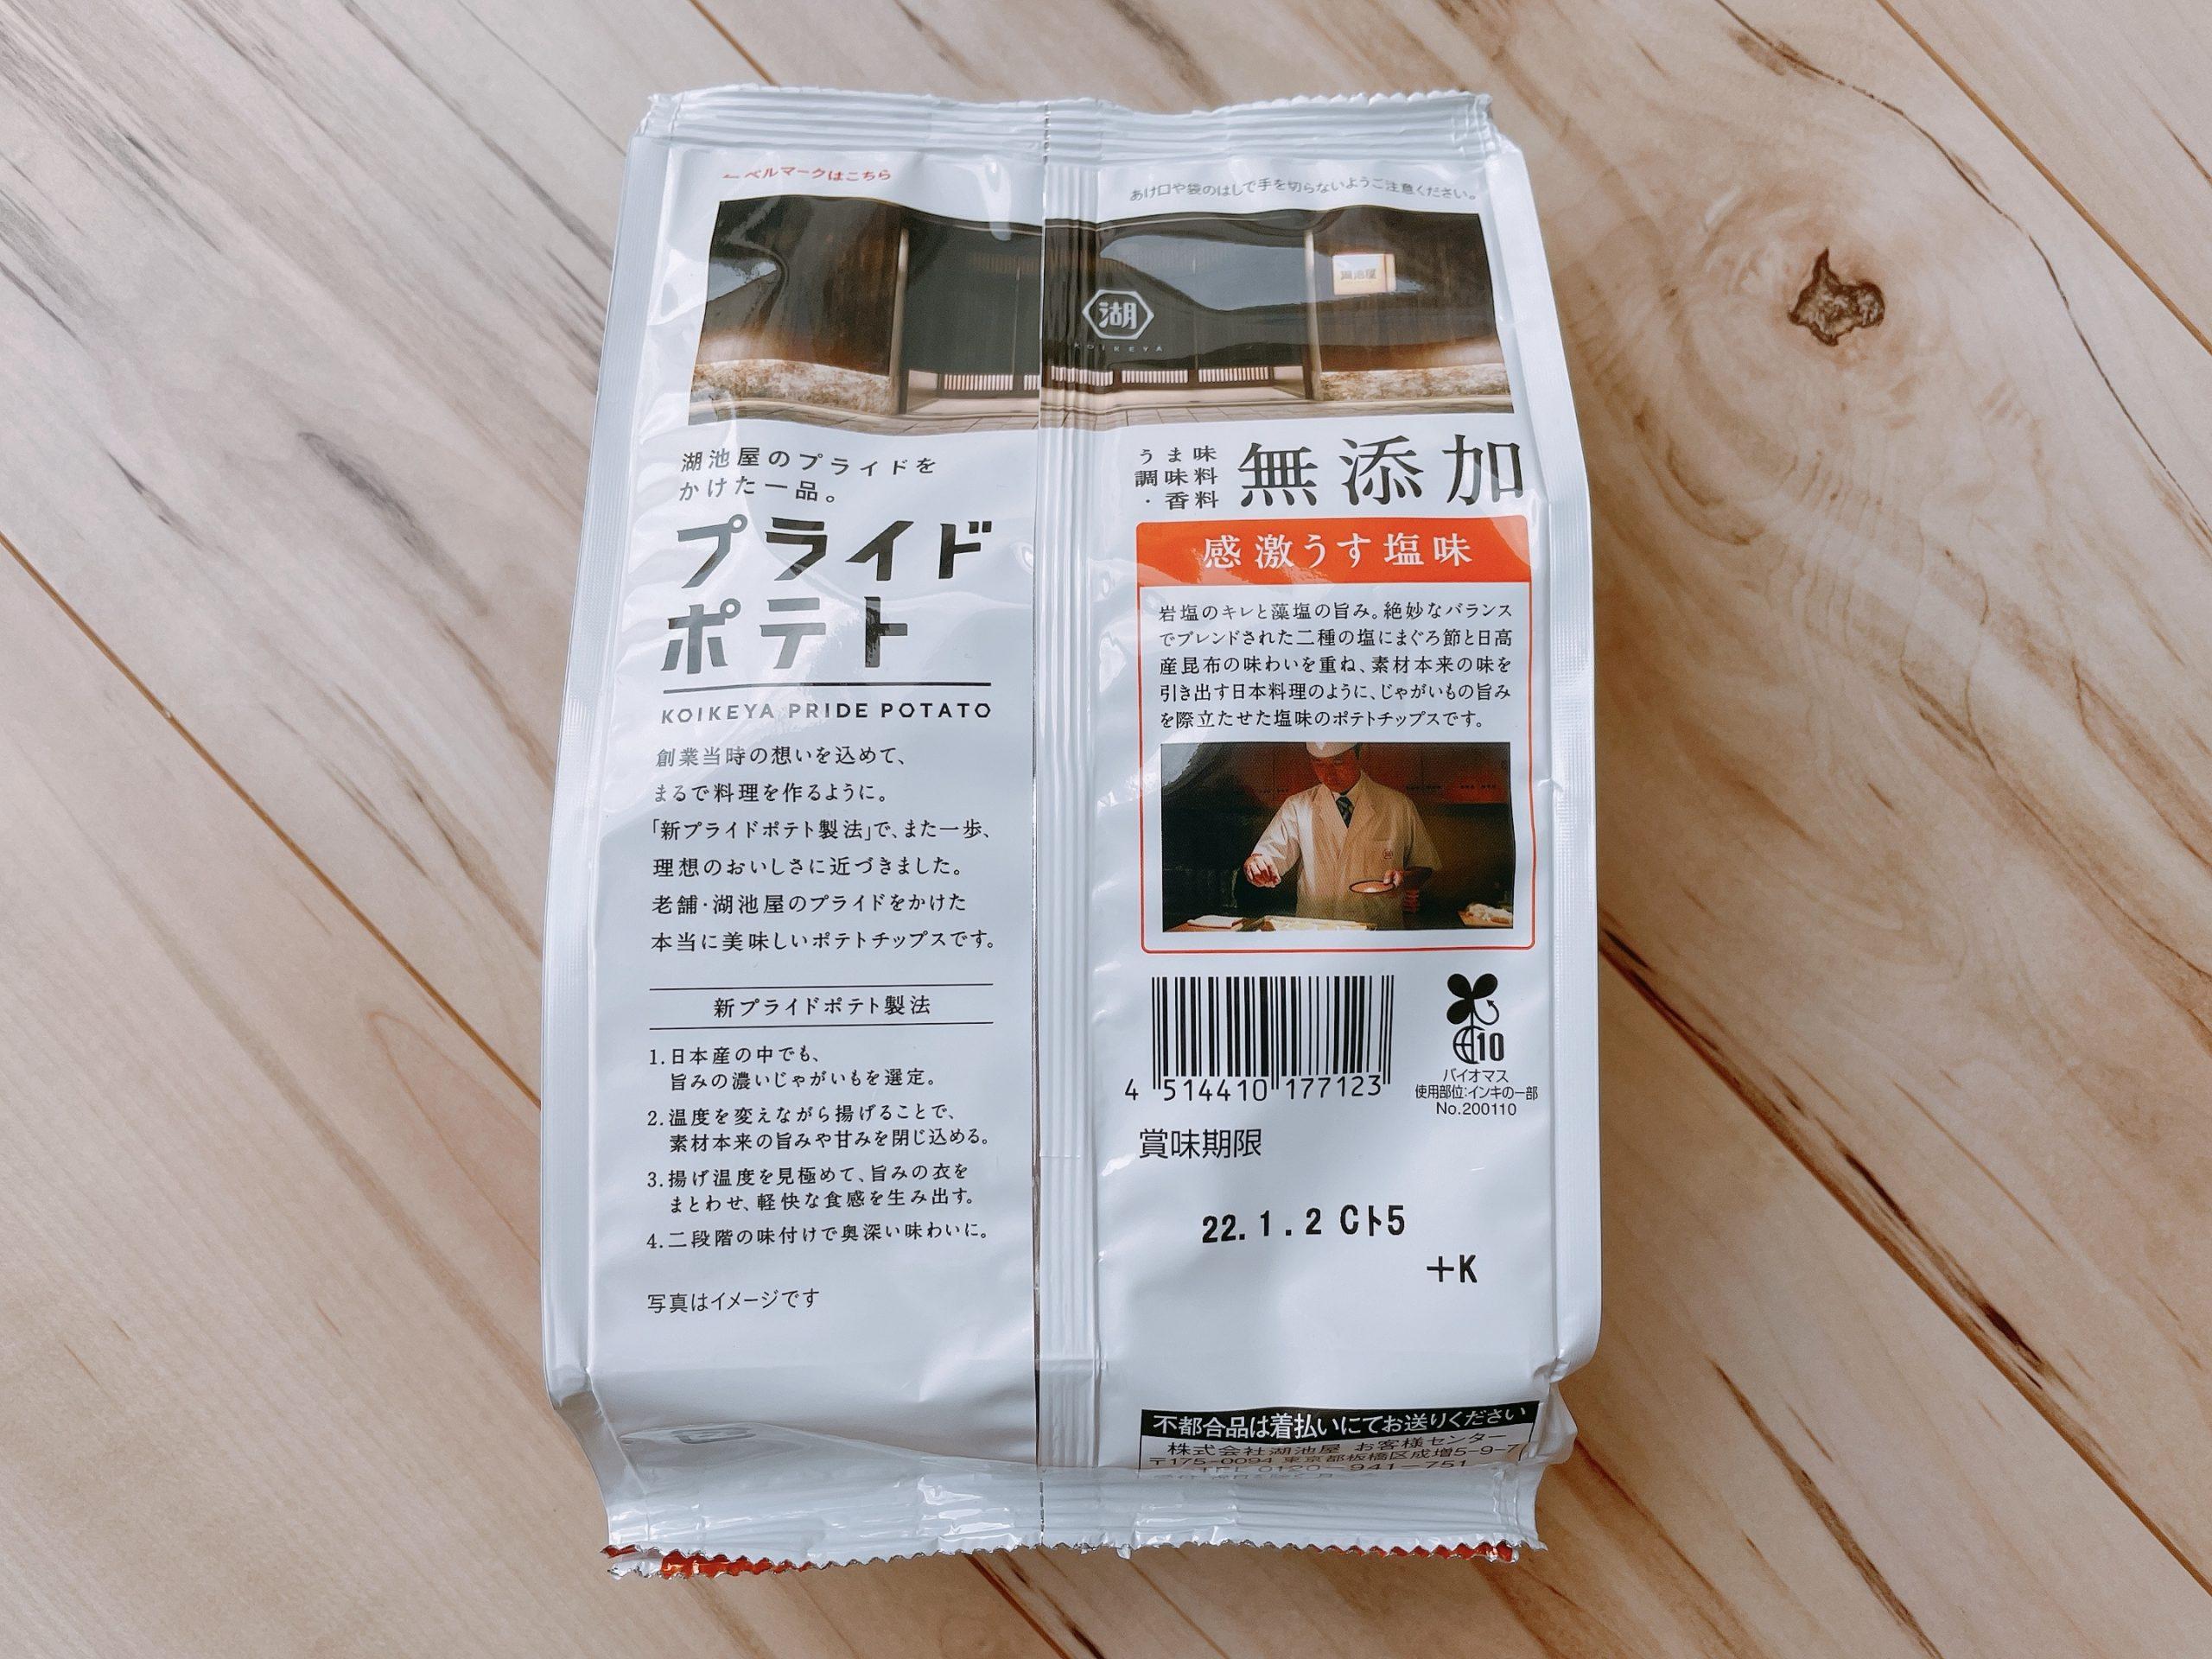 プライドポテト<感激うす塩味>のパッケージ裏